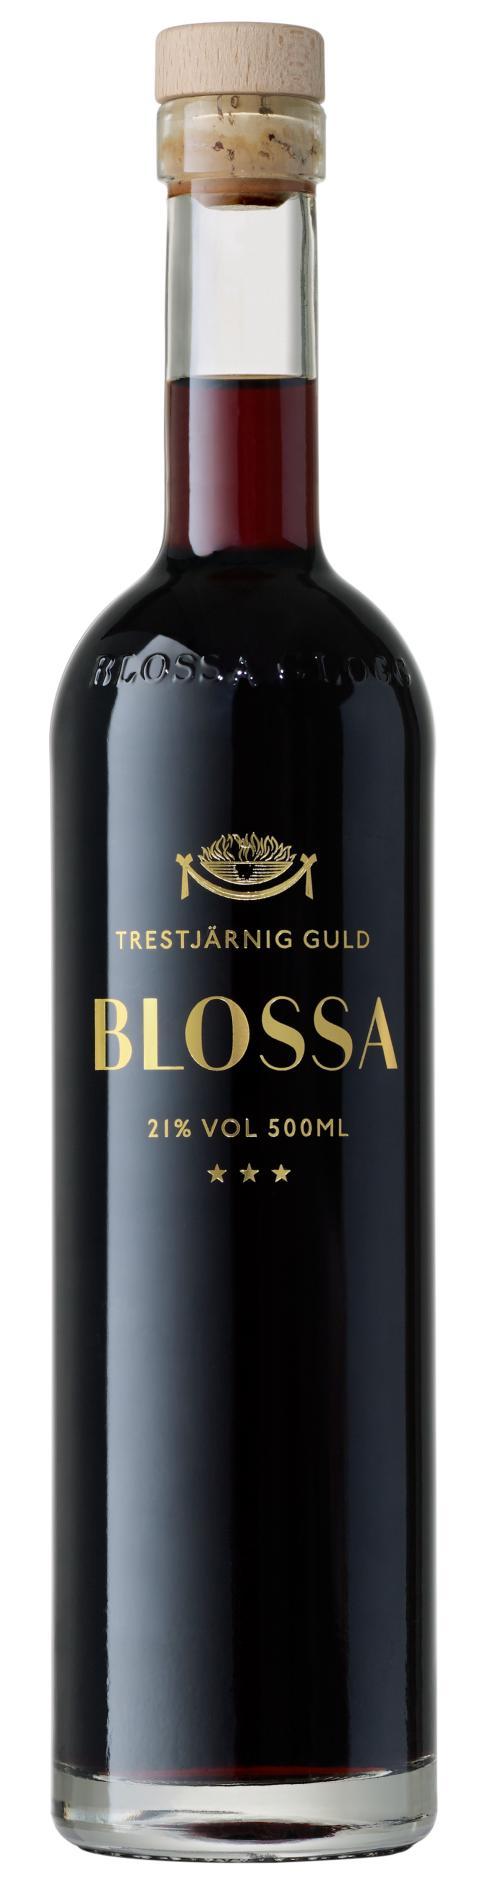 Blossa Trestjärnig Guld, flaskbild